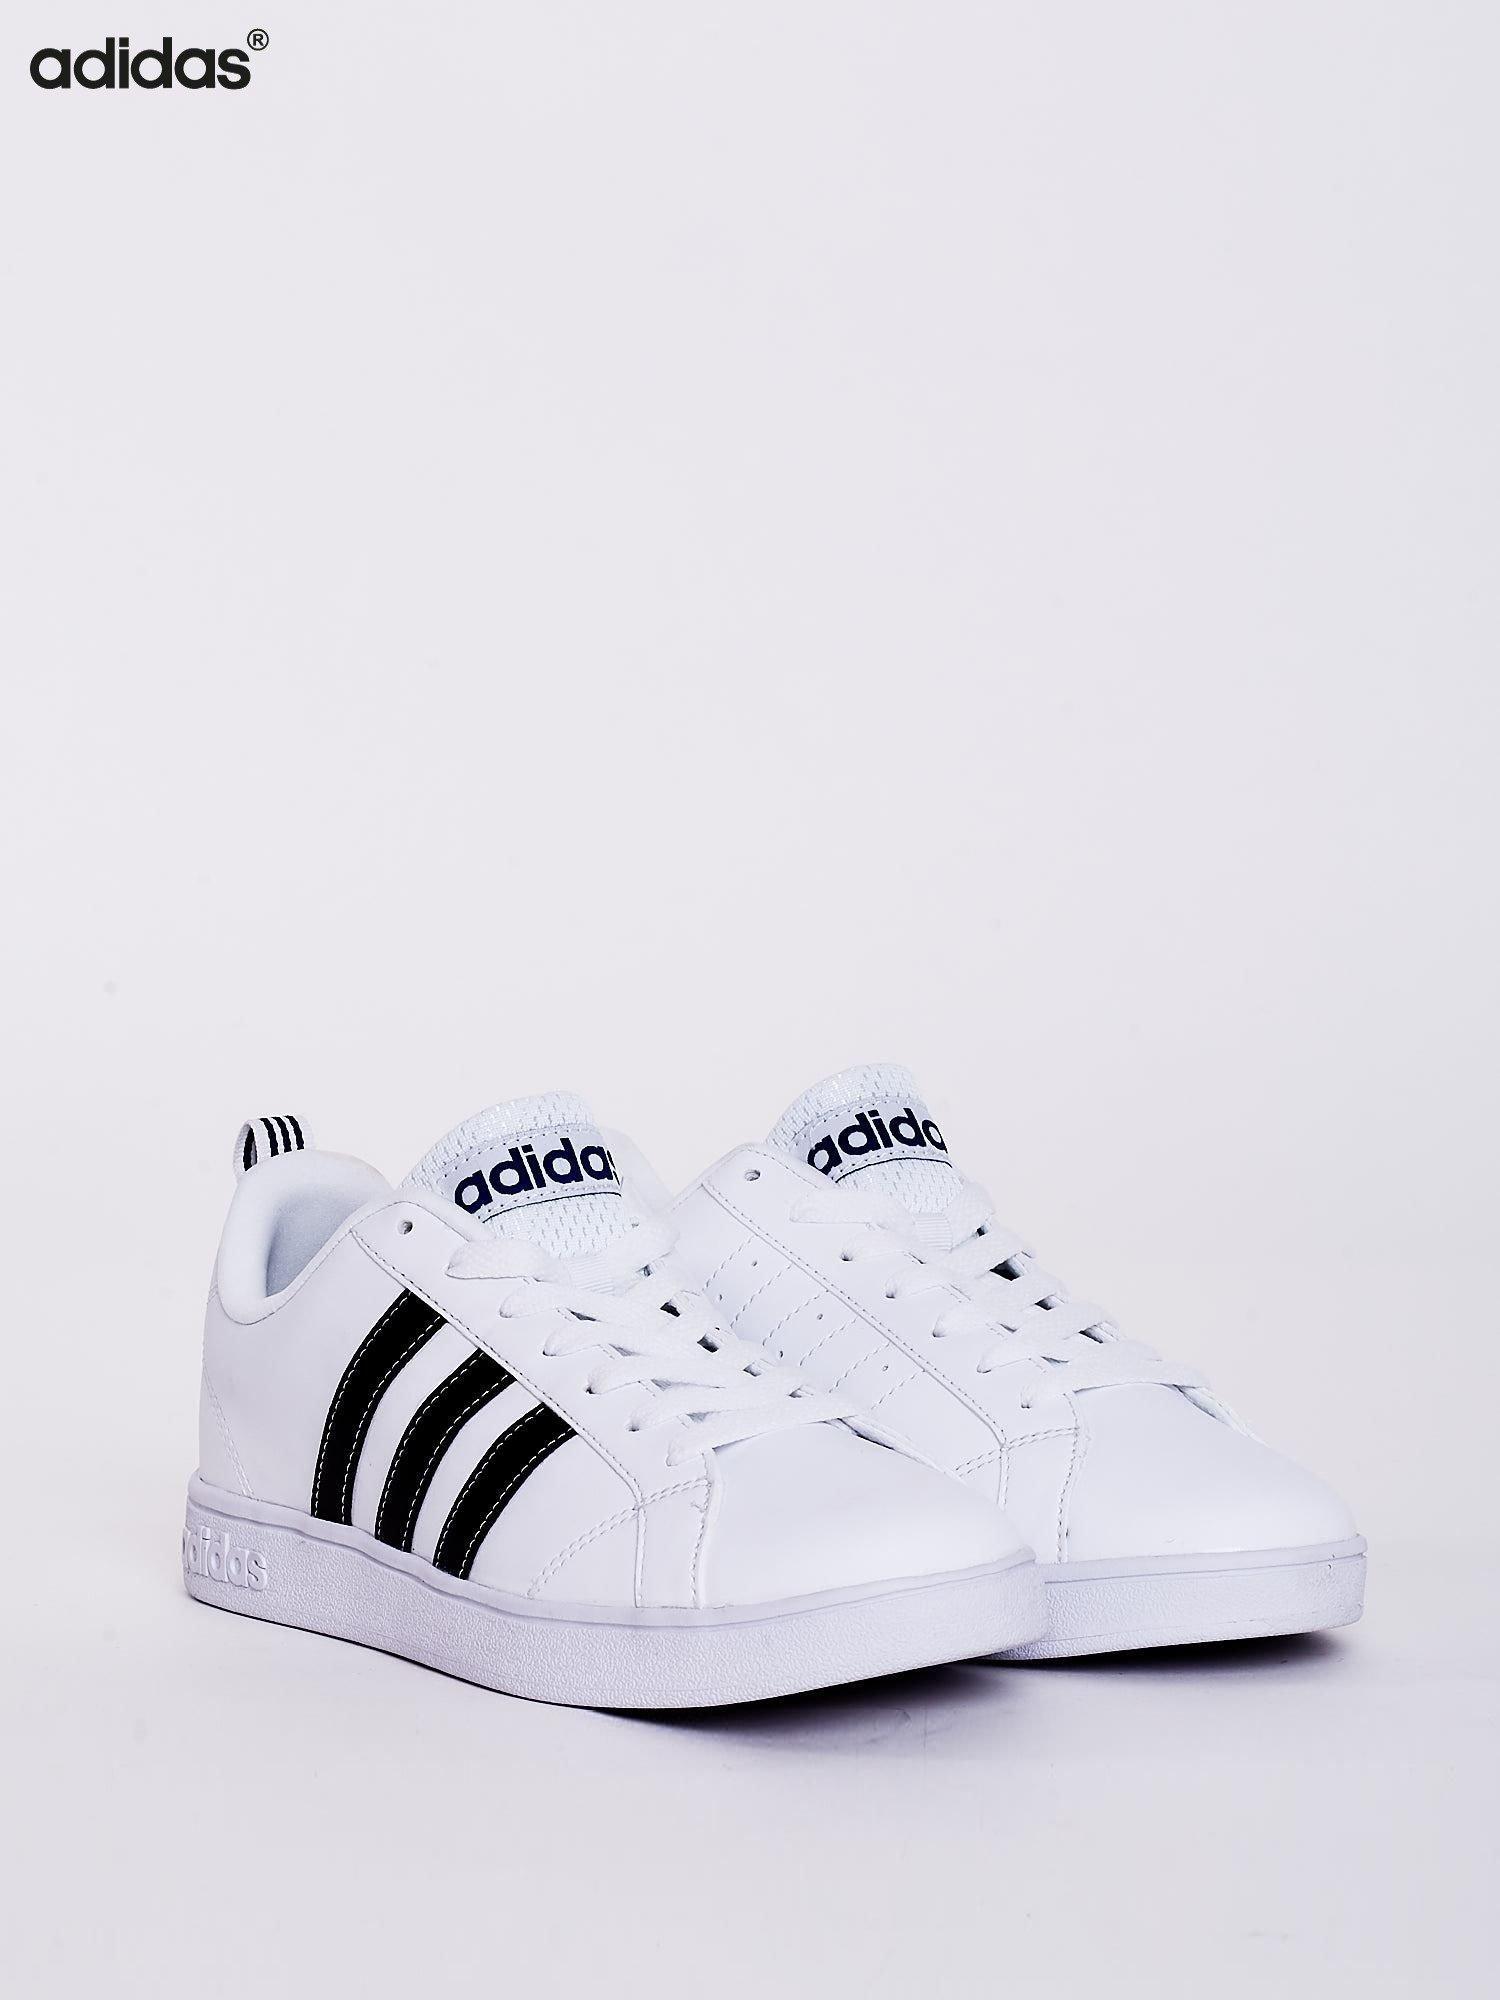 590737be76e ADIDAS Białe buty męskie VS Advantage - Mężczyźni Buty męskie ...